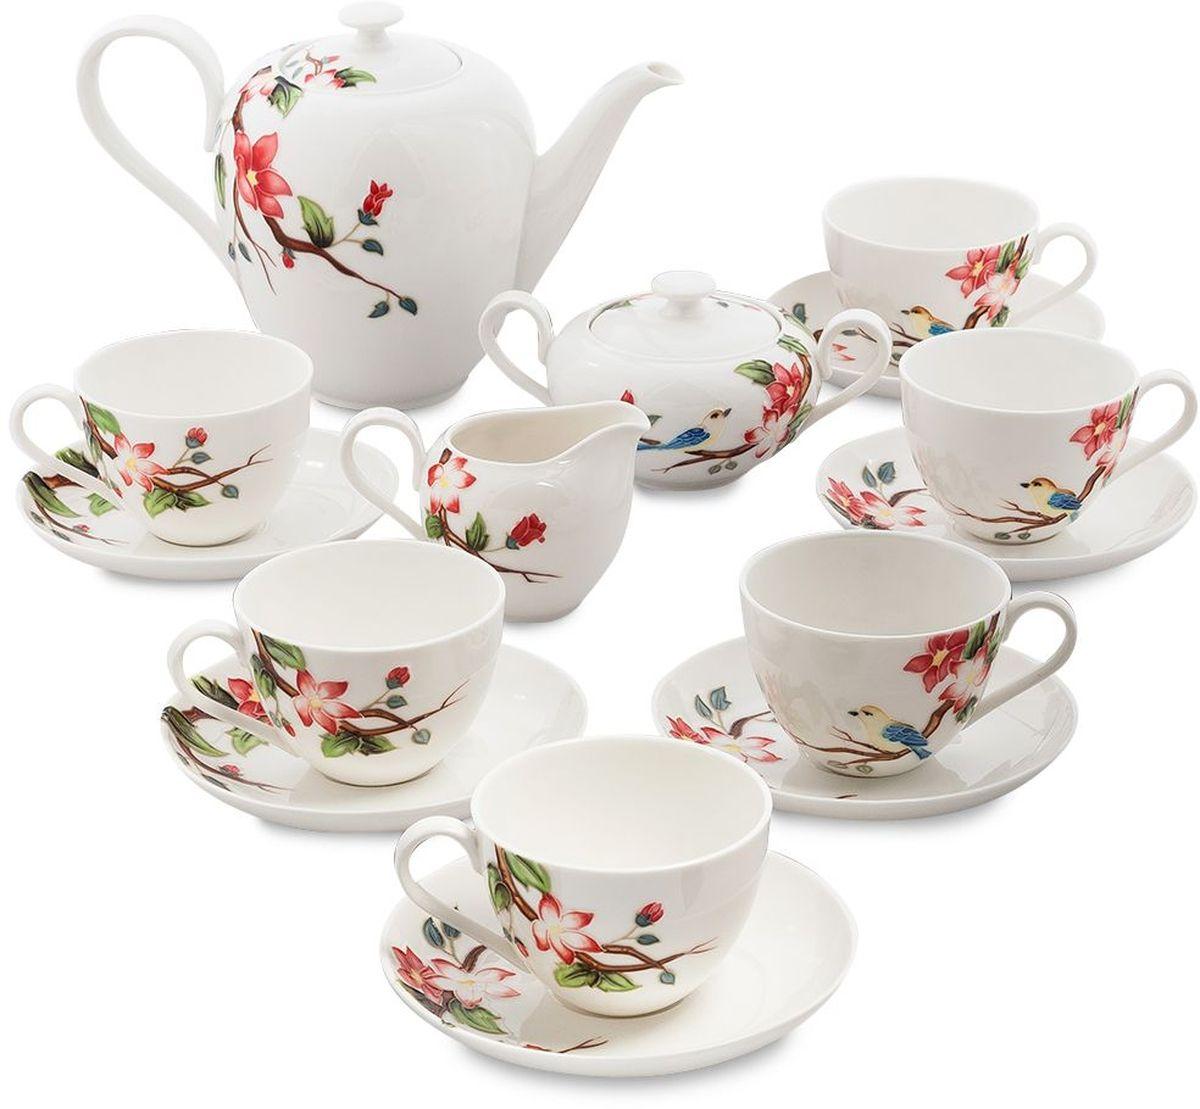 Сервиз чайный Pavone Райская птица, 15 предметов. 451595451595Объем чайника: 1,4 л Объем сахарницы: 350 мл Объем молочника: 200 мл Объем чашки: 250 мл Диаметр блюдца: 15 см.